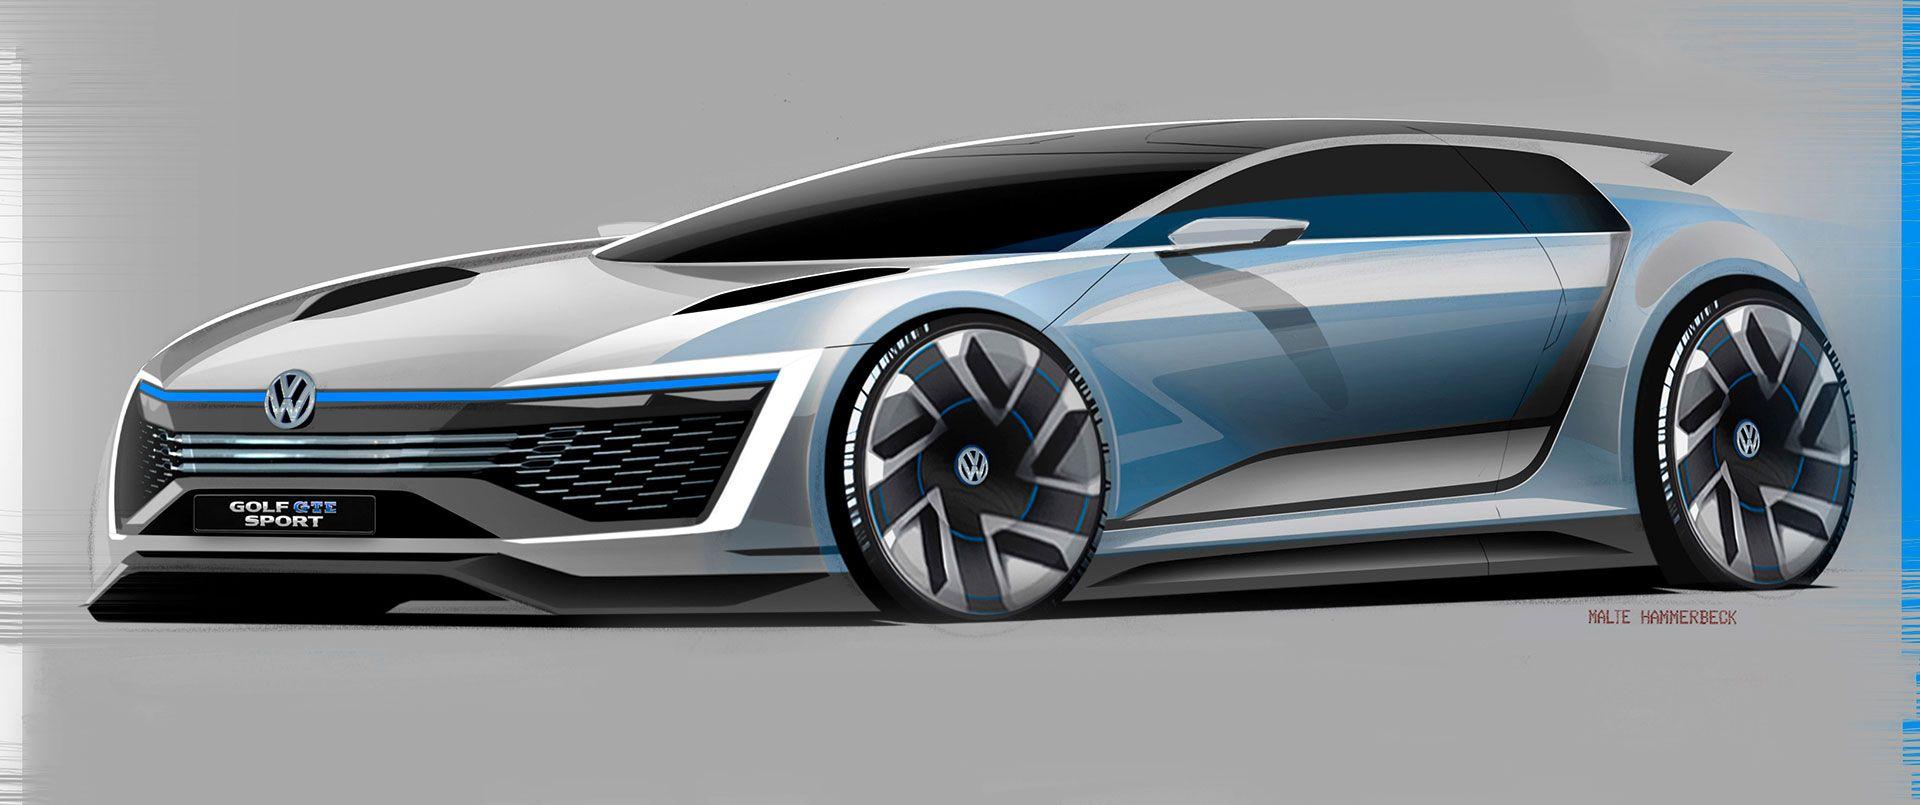 High Quality Volkswagen Golf GTE Sport Concept Design Sketch